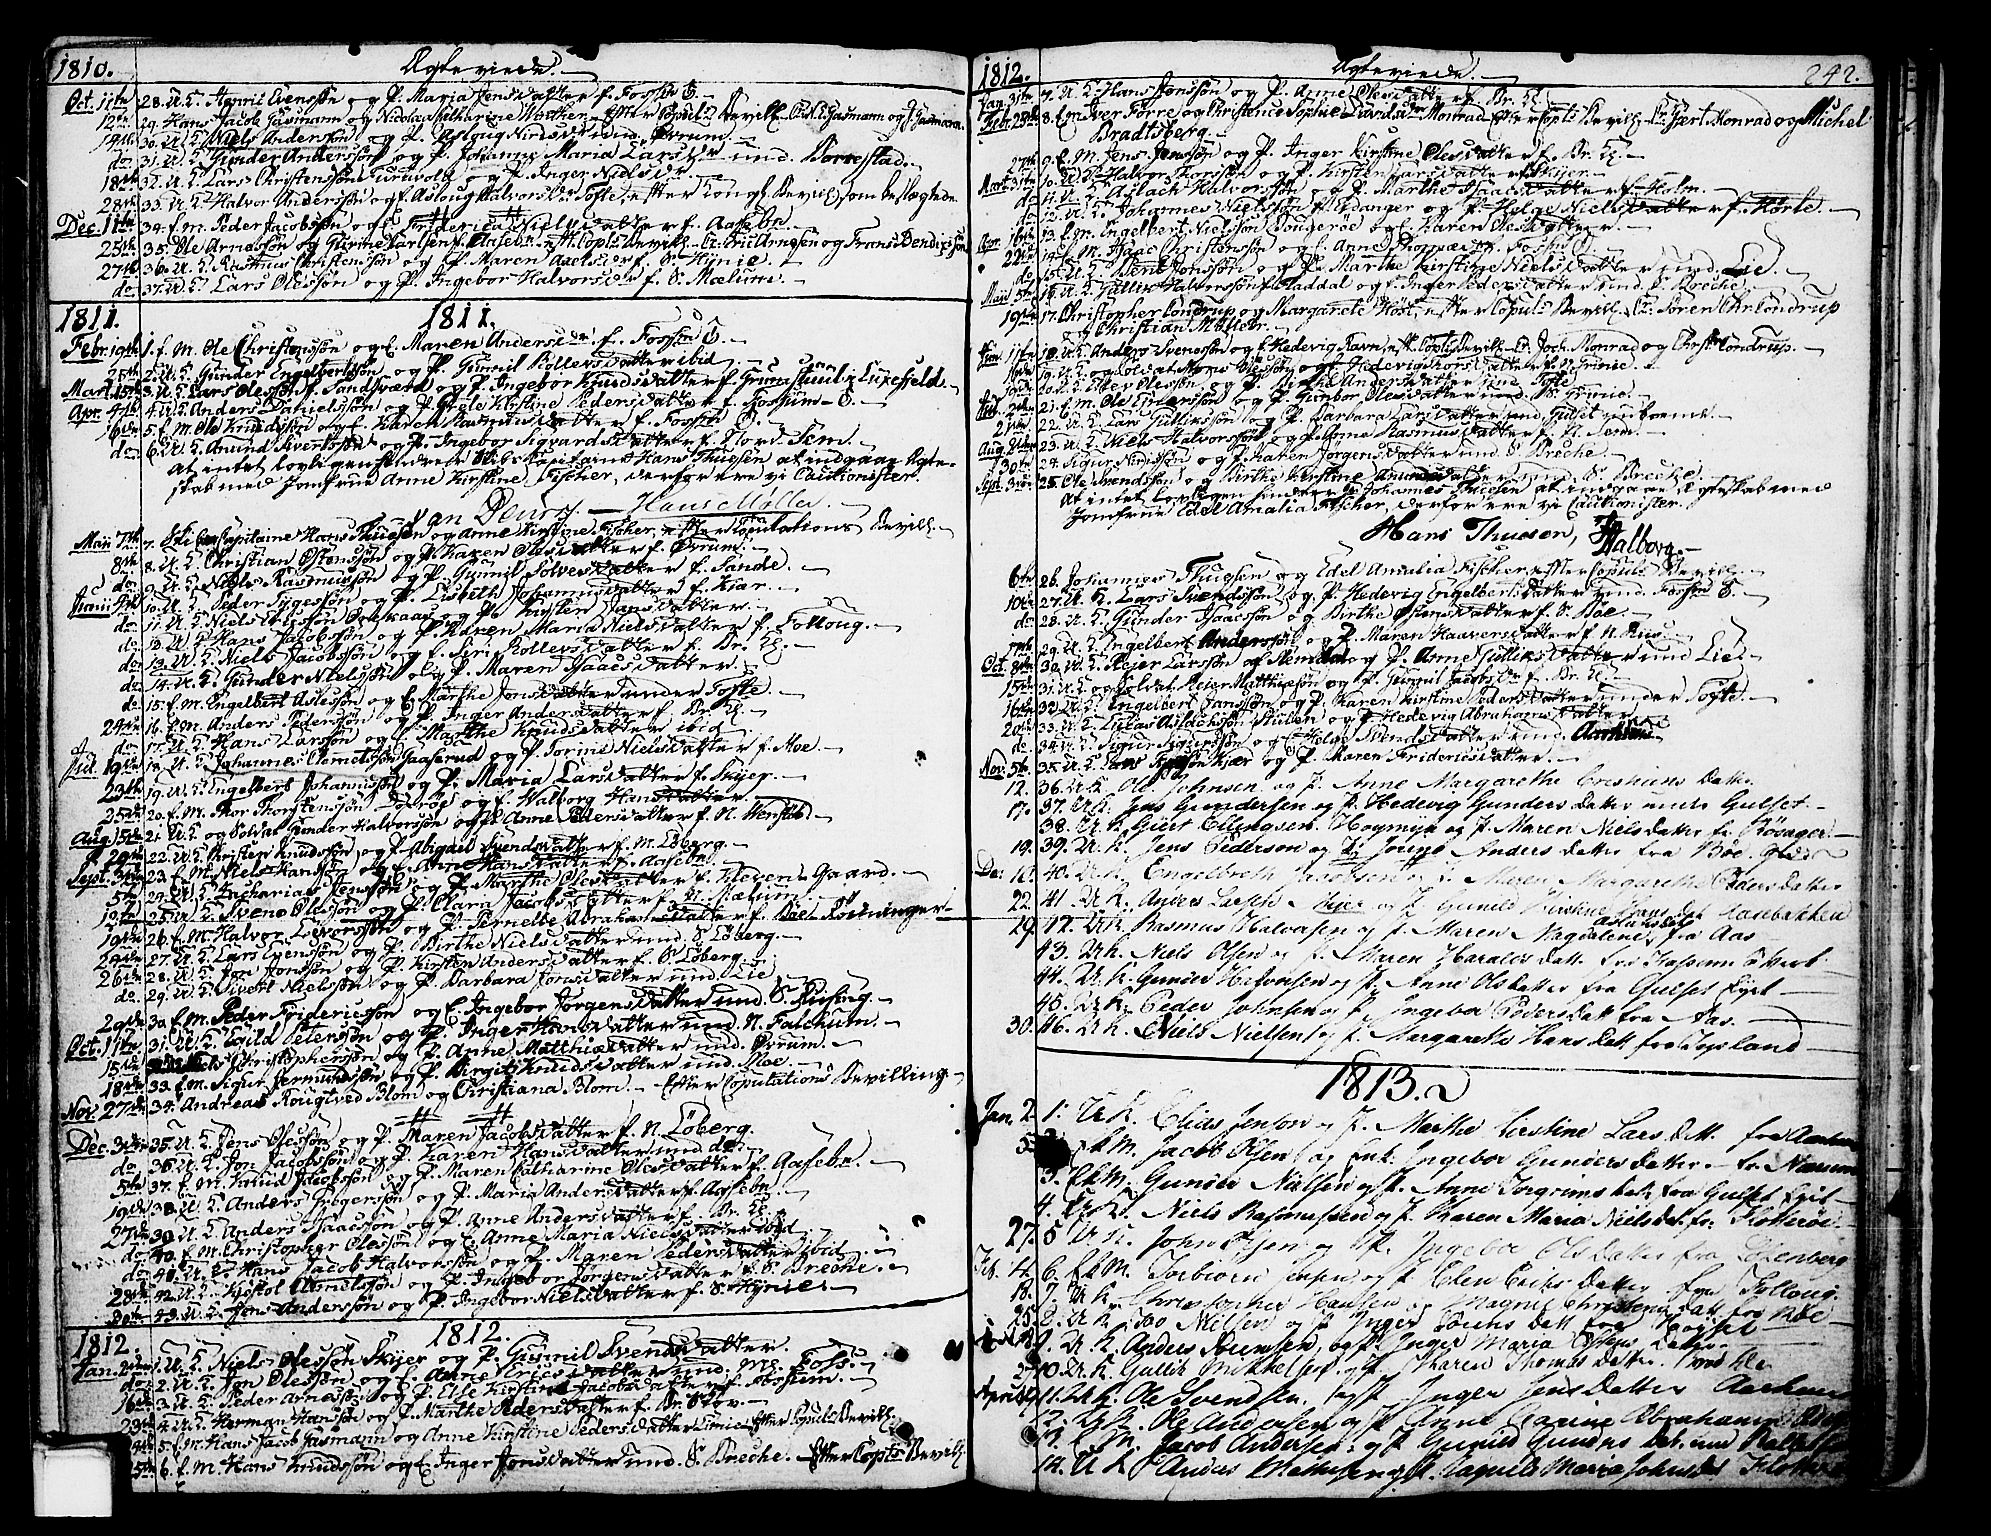 SAKO, Gjerpen kirkebøker, F/Fa/L0003: Ministerialbok nr. 3, 1796-1814, s. 242